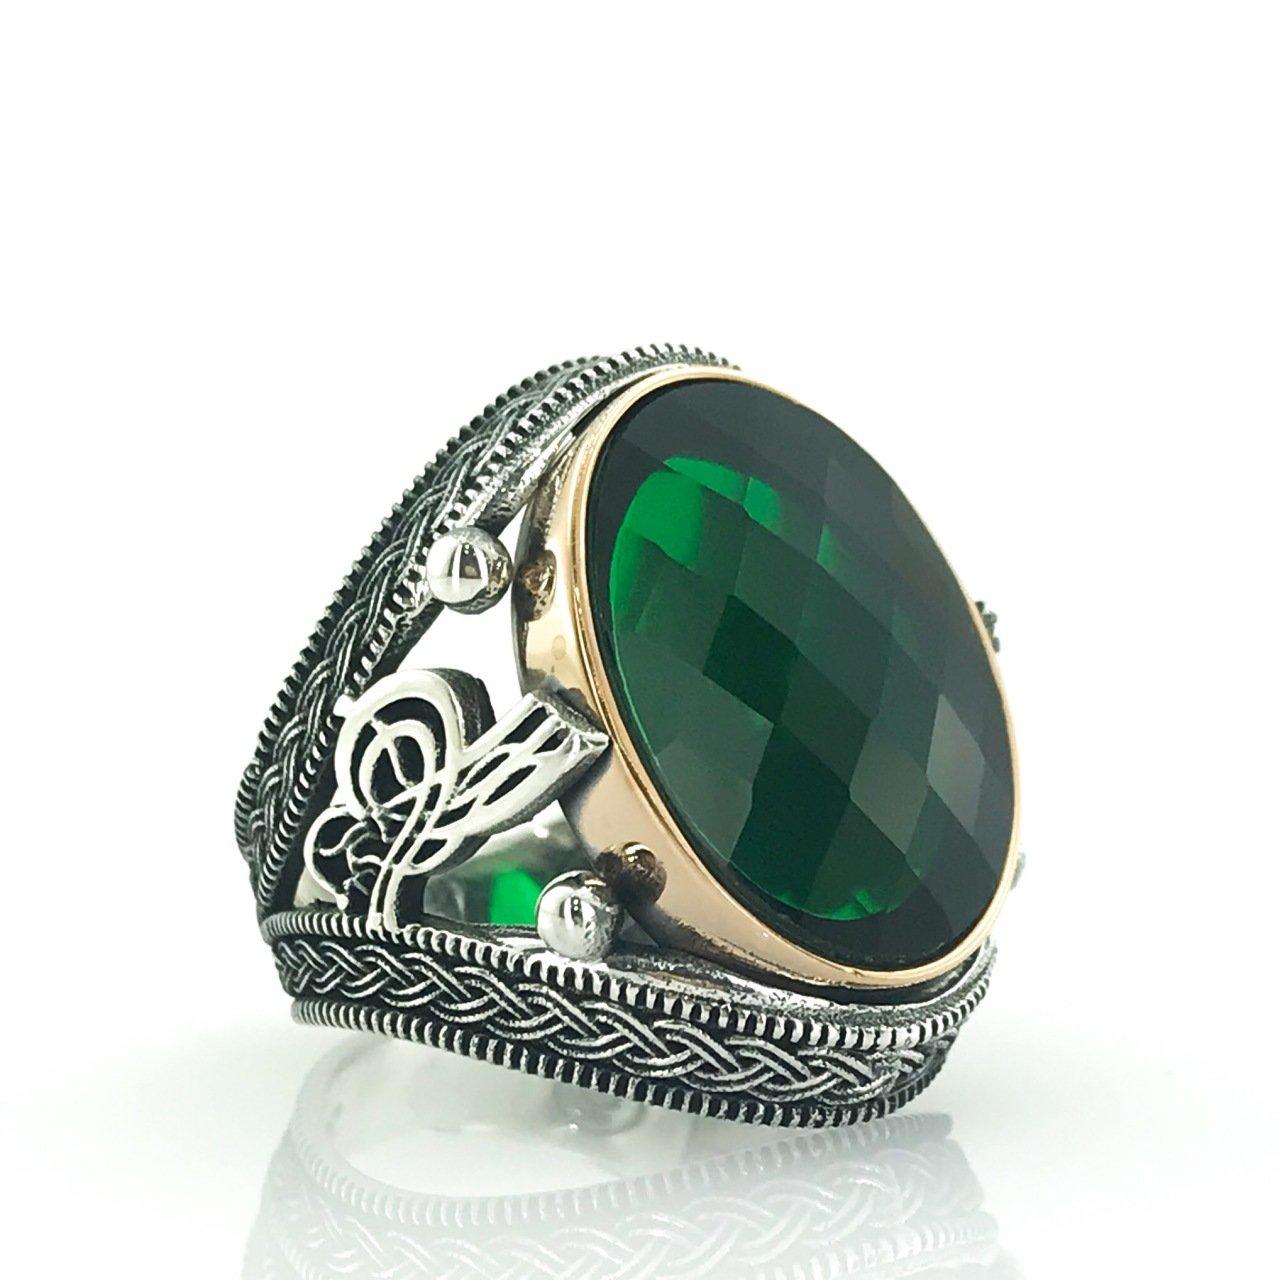 خاتم رجالي فضة زمردي أخضر كبير بيضاوي